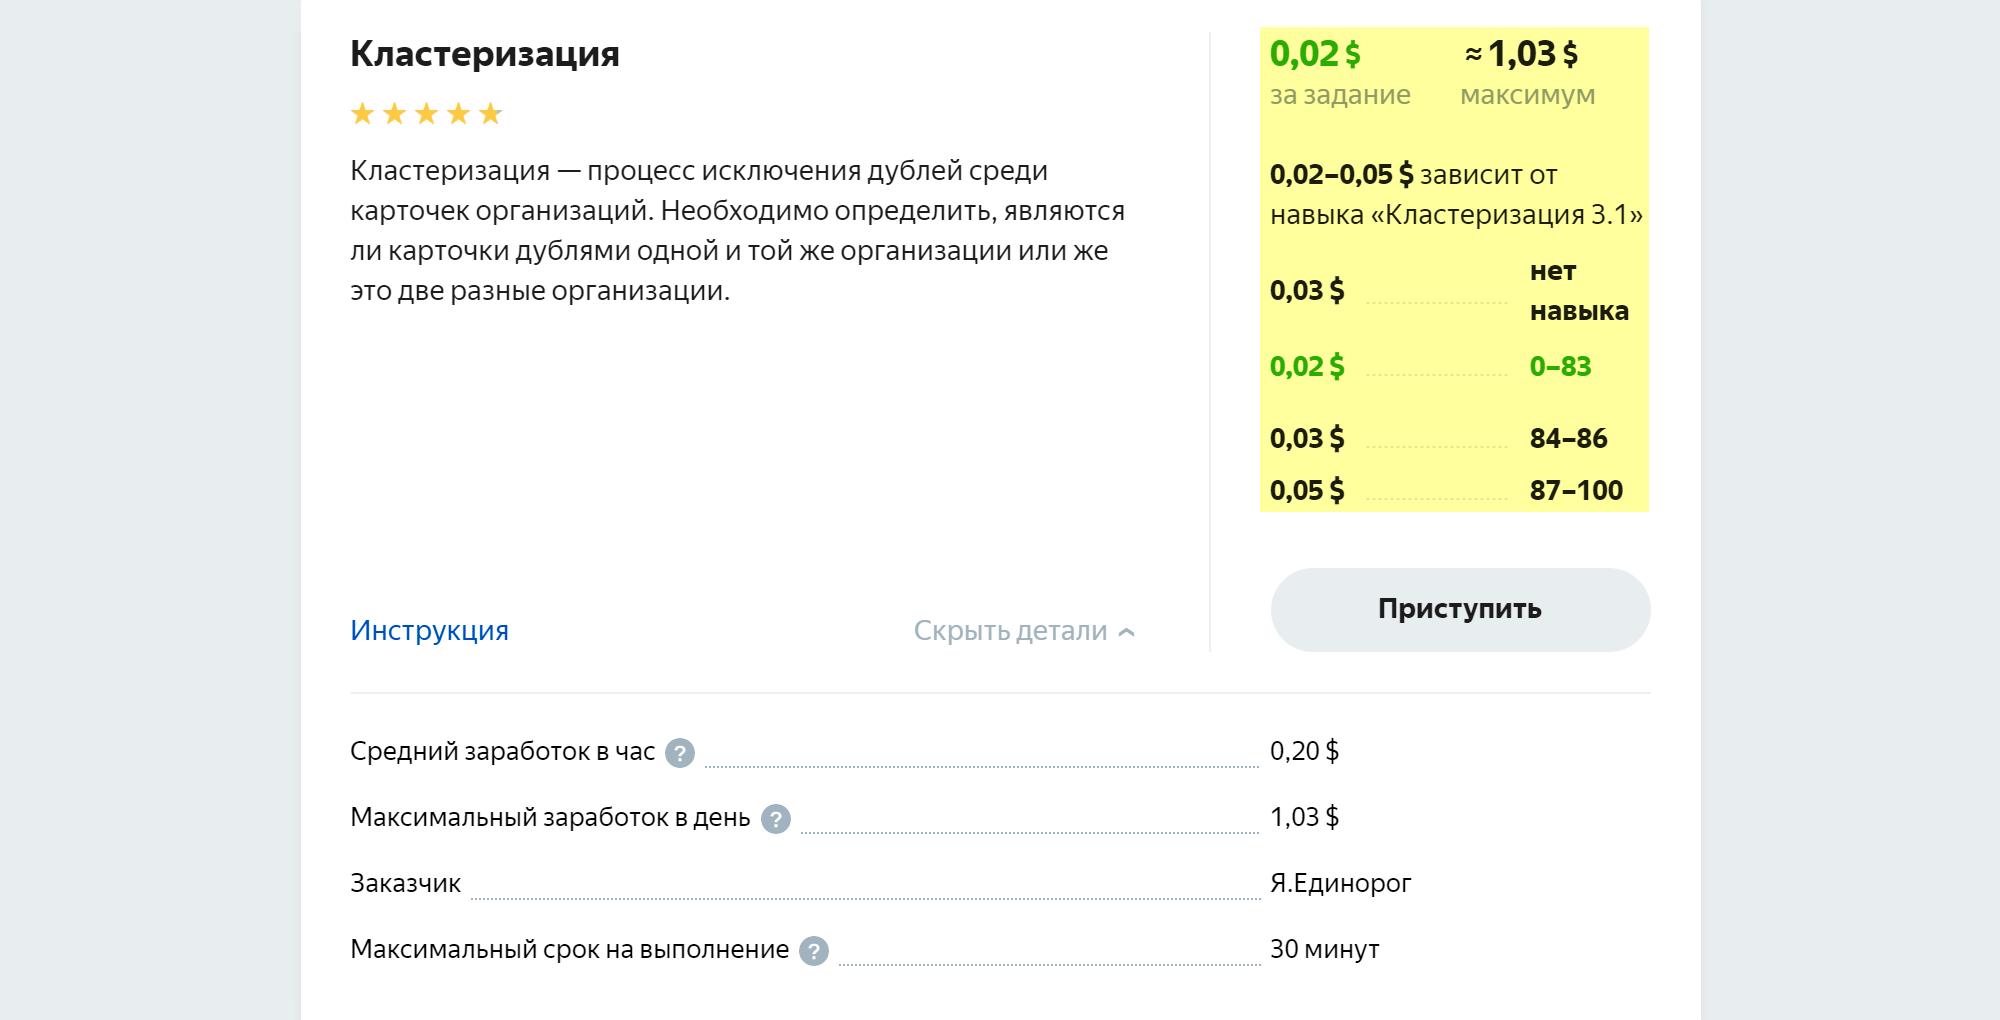 За кластеризацию платят в среднем 20 центов в час (12,6 рублей). Ее заказывает «Яндекс-единорог» — сервис, который занимается данными об организациях, а вовсе не радугами